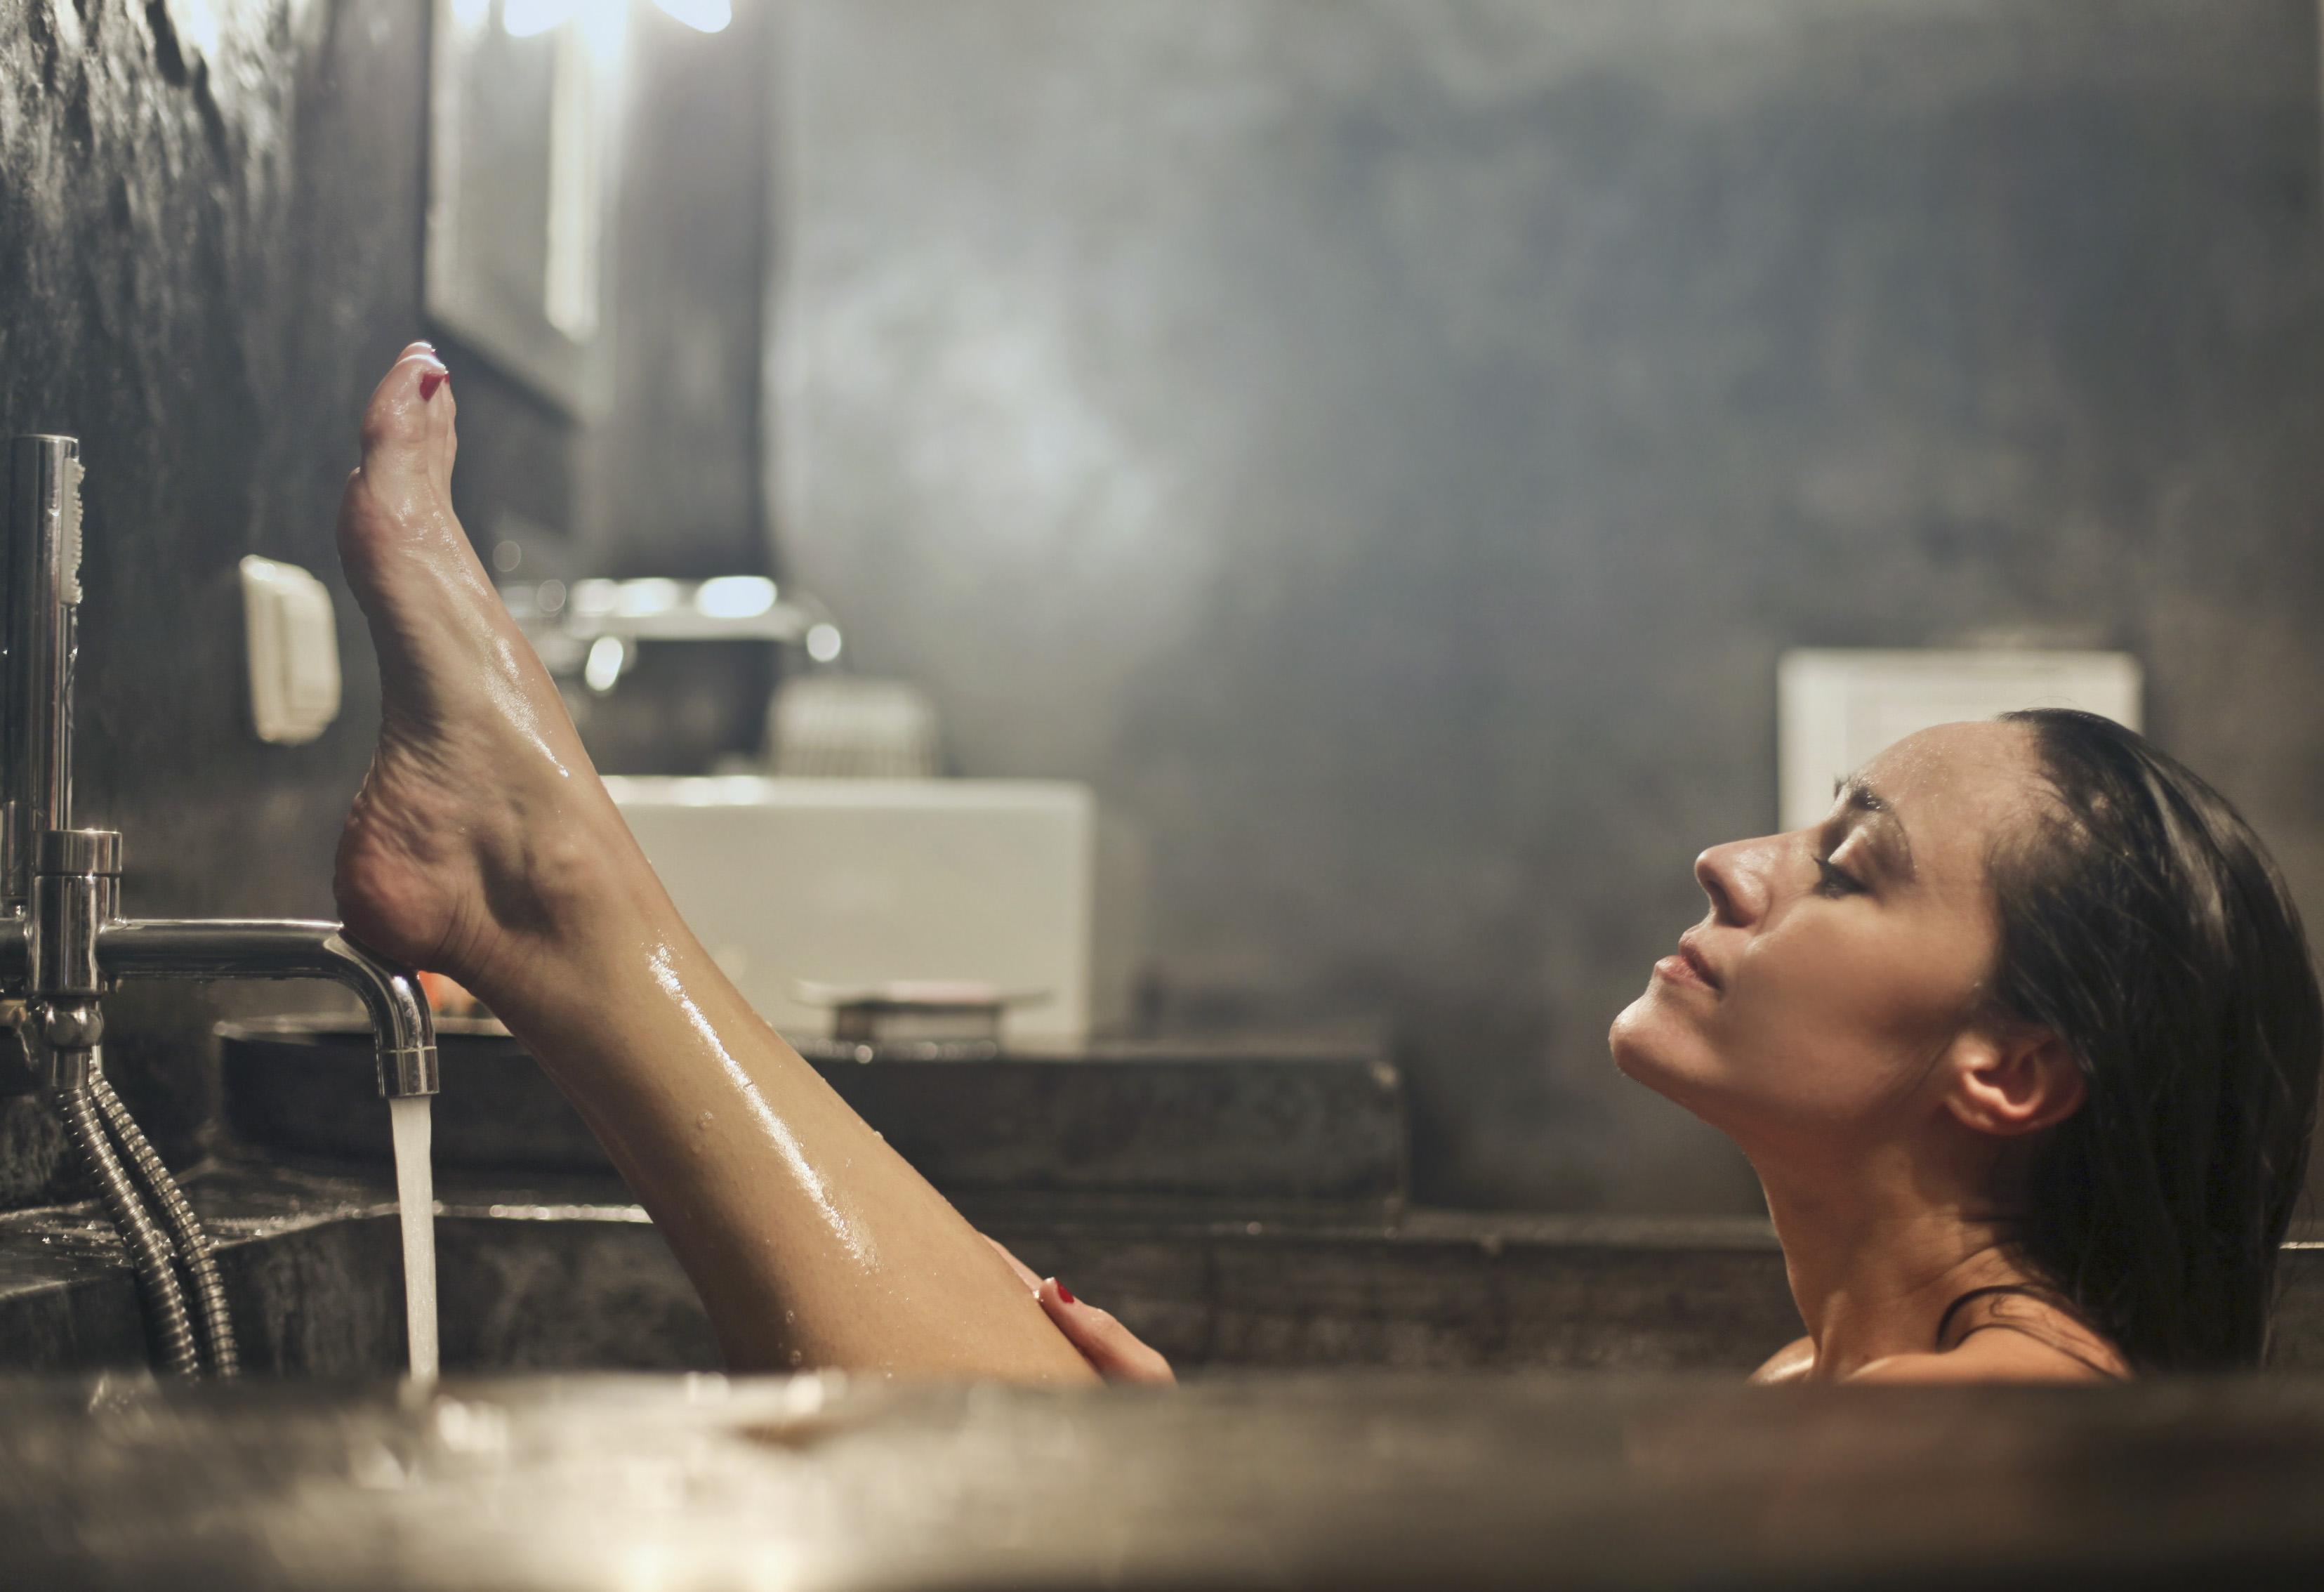 Thoa kem dưỡng ngay sau khi tắm là bí quyết dưỡng da đúng cách các nàng nên thuộc nằm lòng